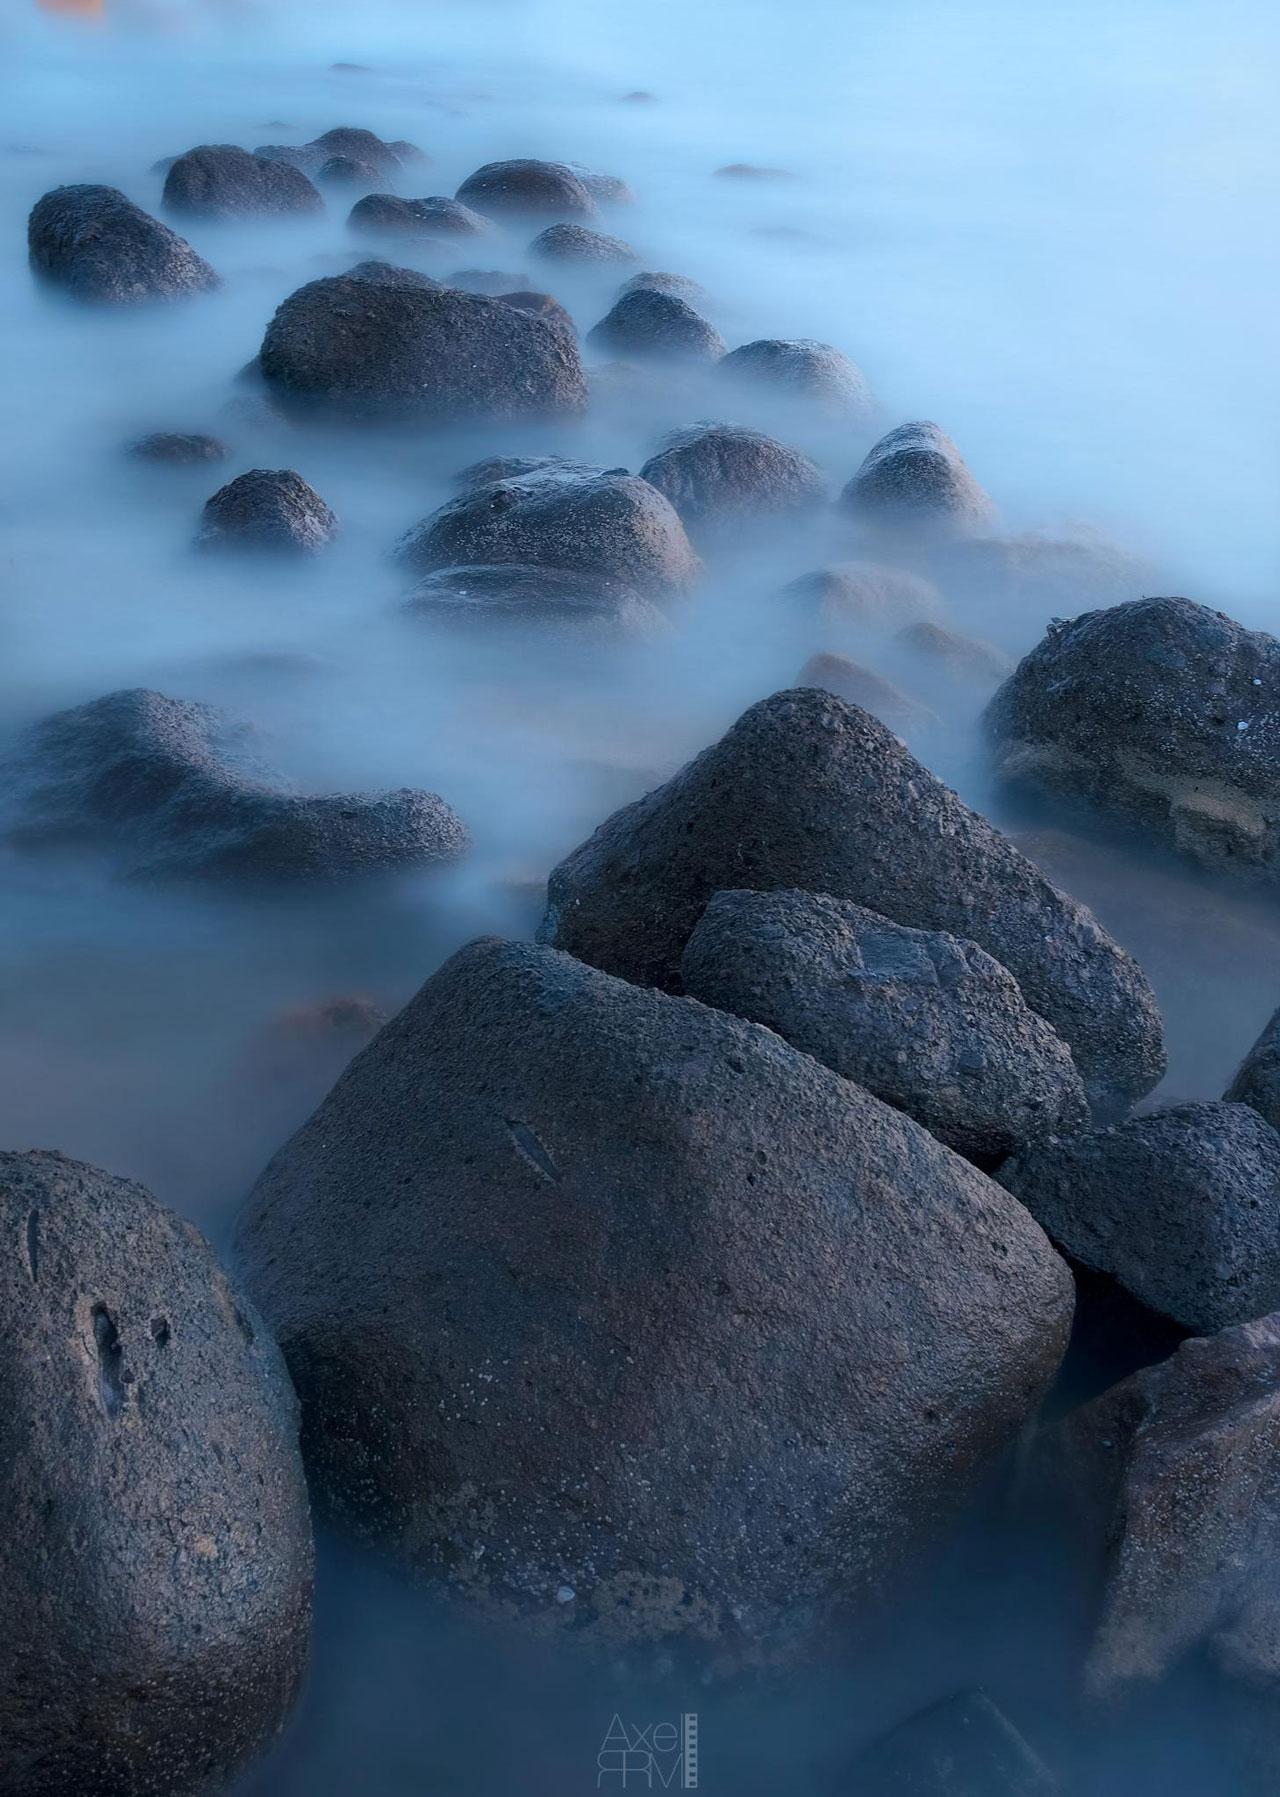 Rocas en la Playa de Isla Verde, foto de Axel RRM.